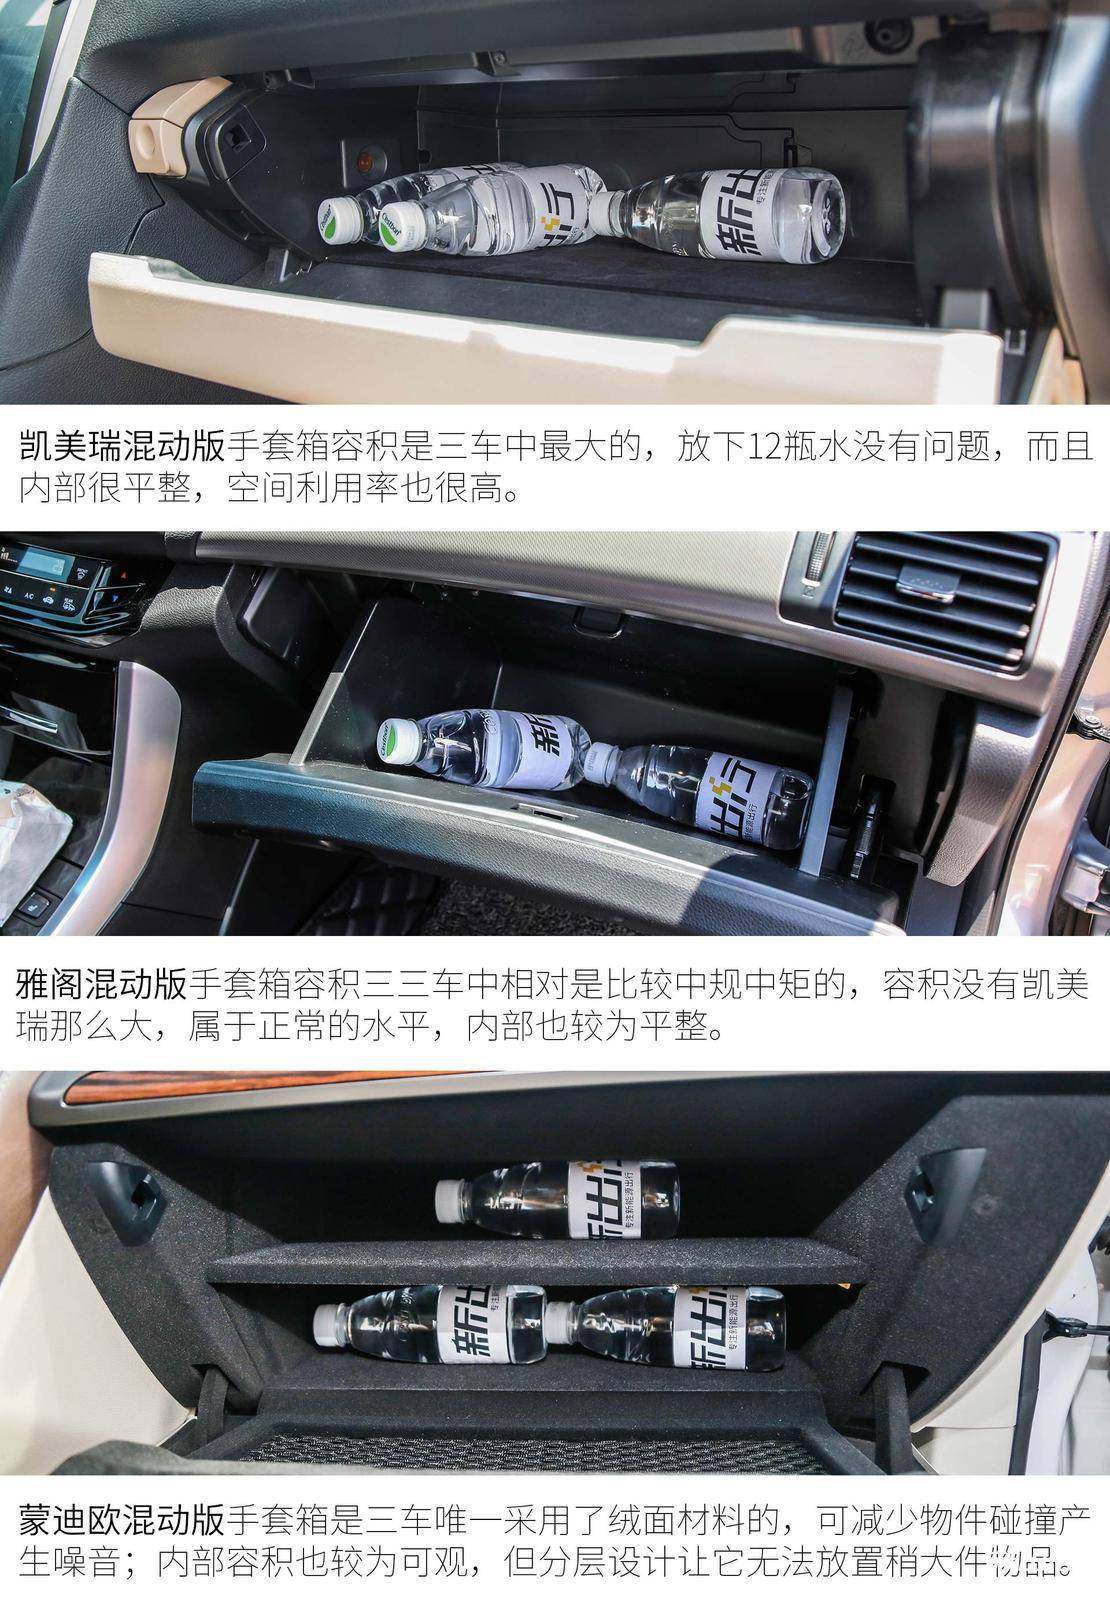 凯美瑞雅阁蒙迪欧混动版横评手套箱储物空间对比.jpg